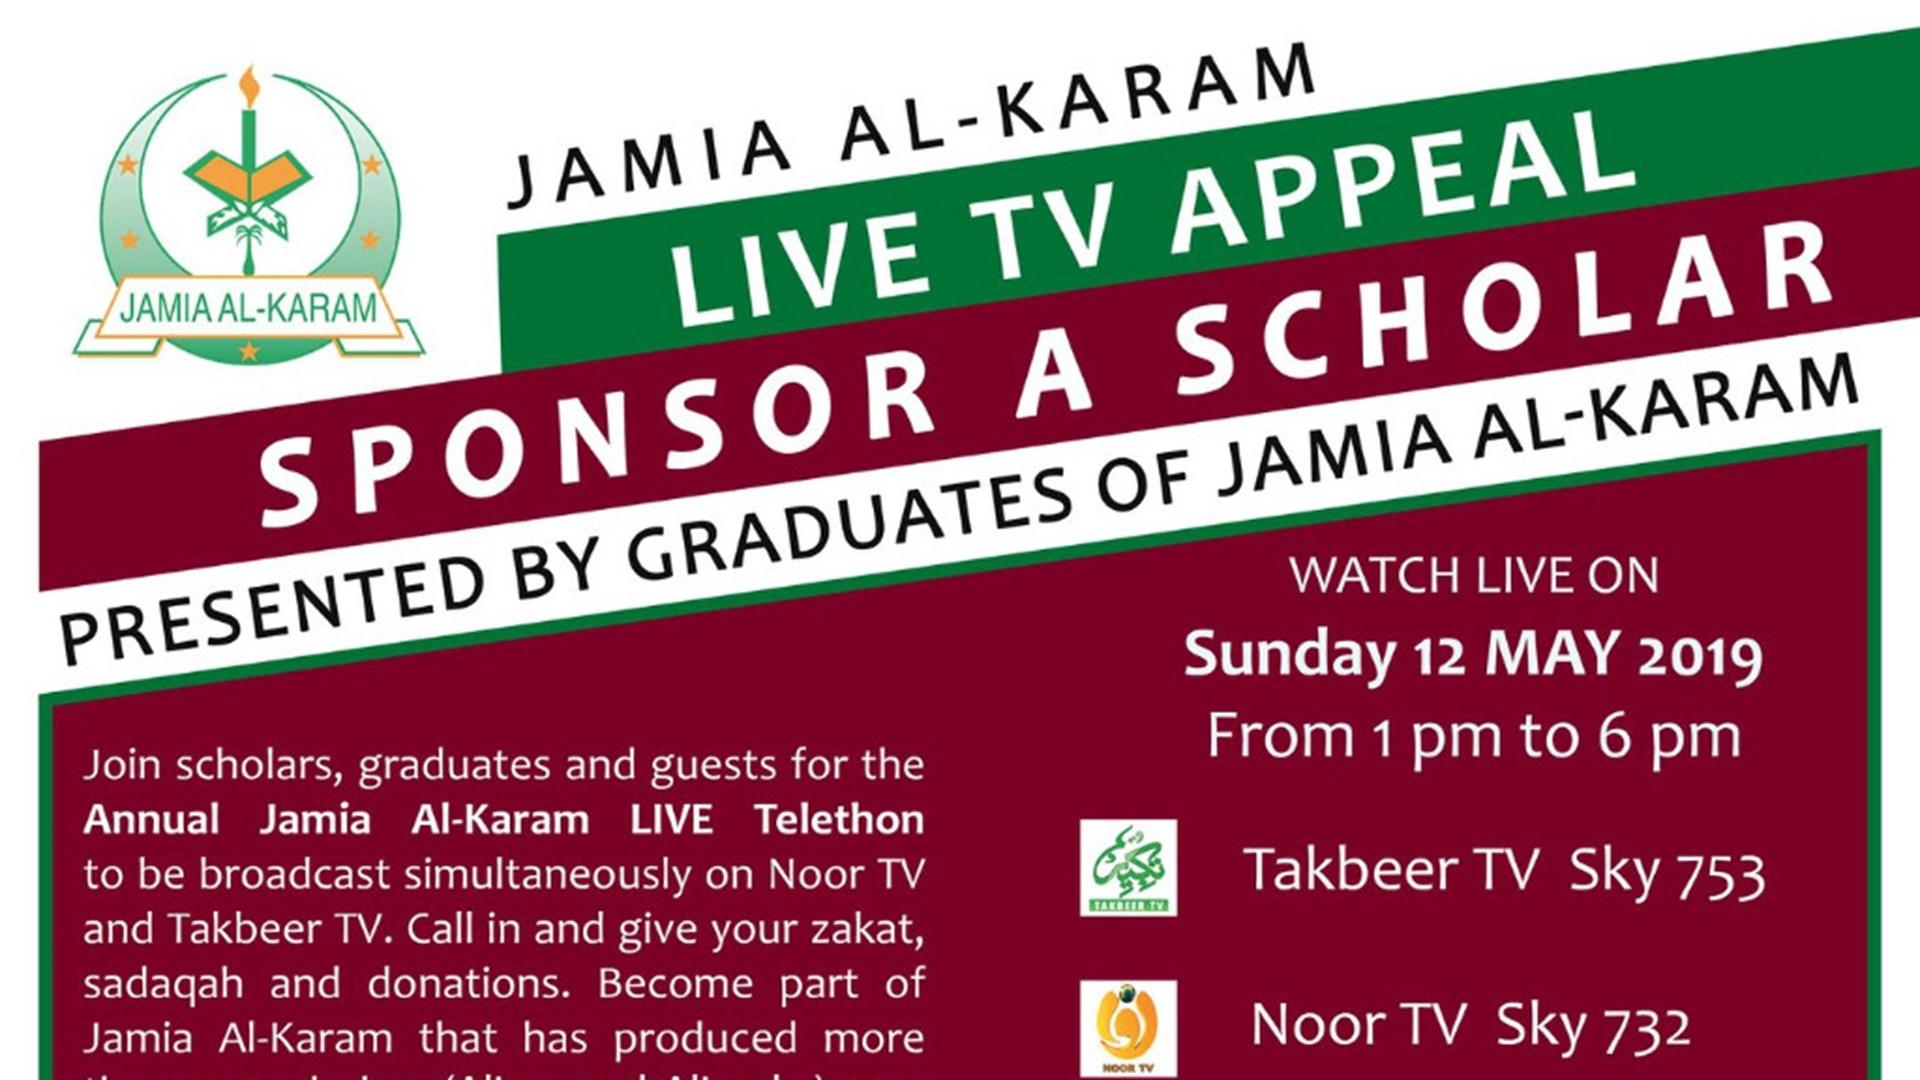 Areeba Hassan is fundraising for Jamia Al-Karam